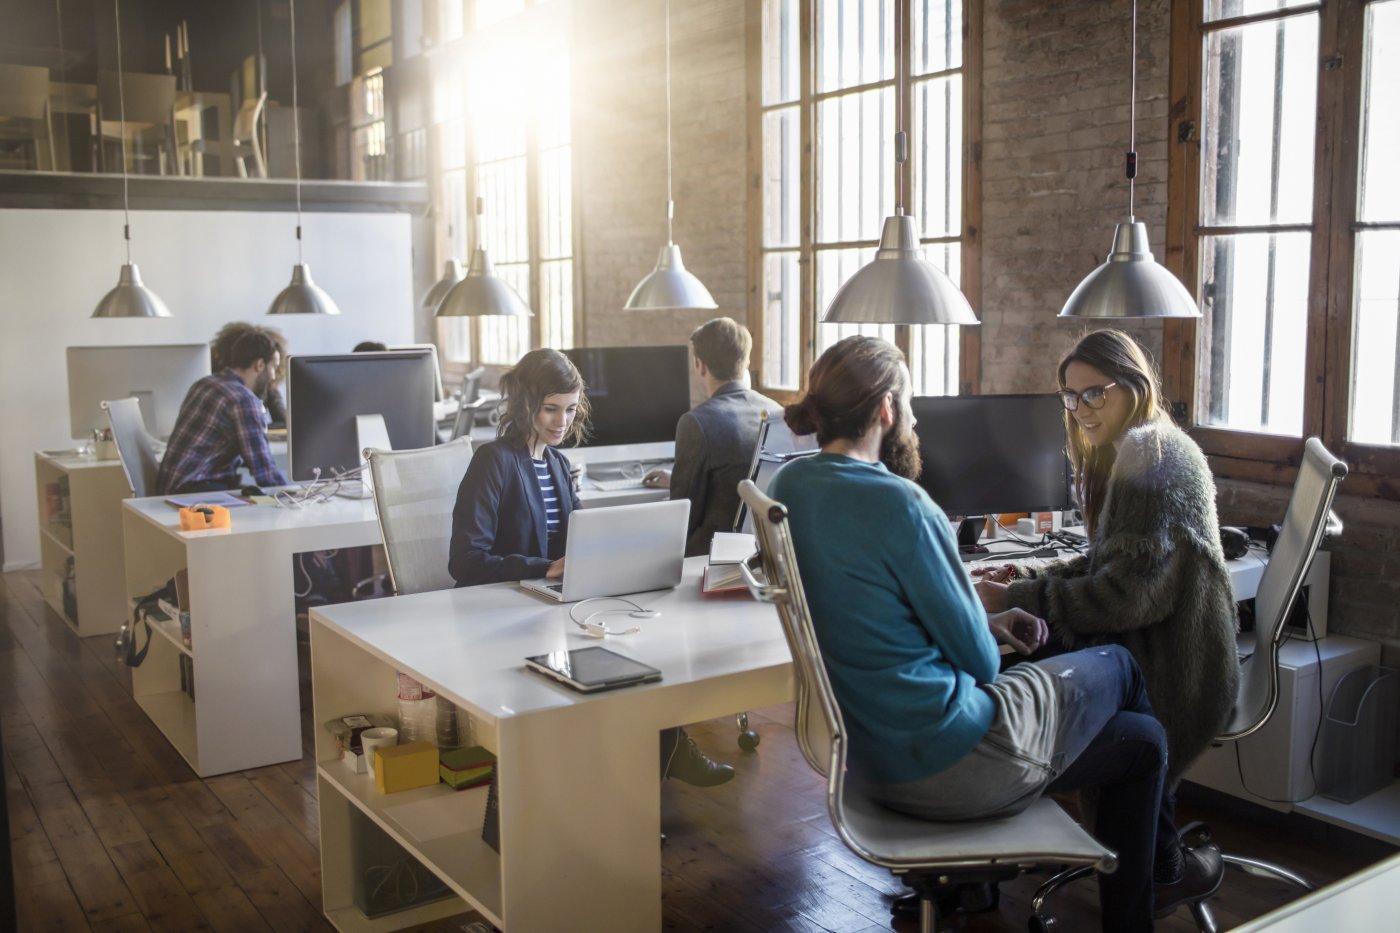 empleados-trabajando-oficina-empresa